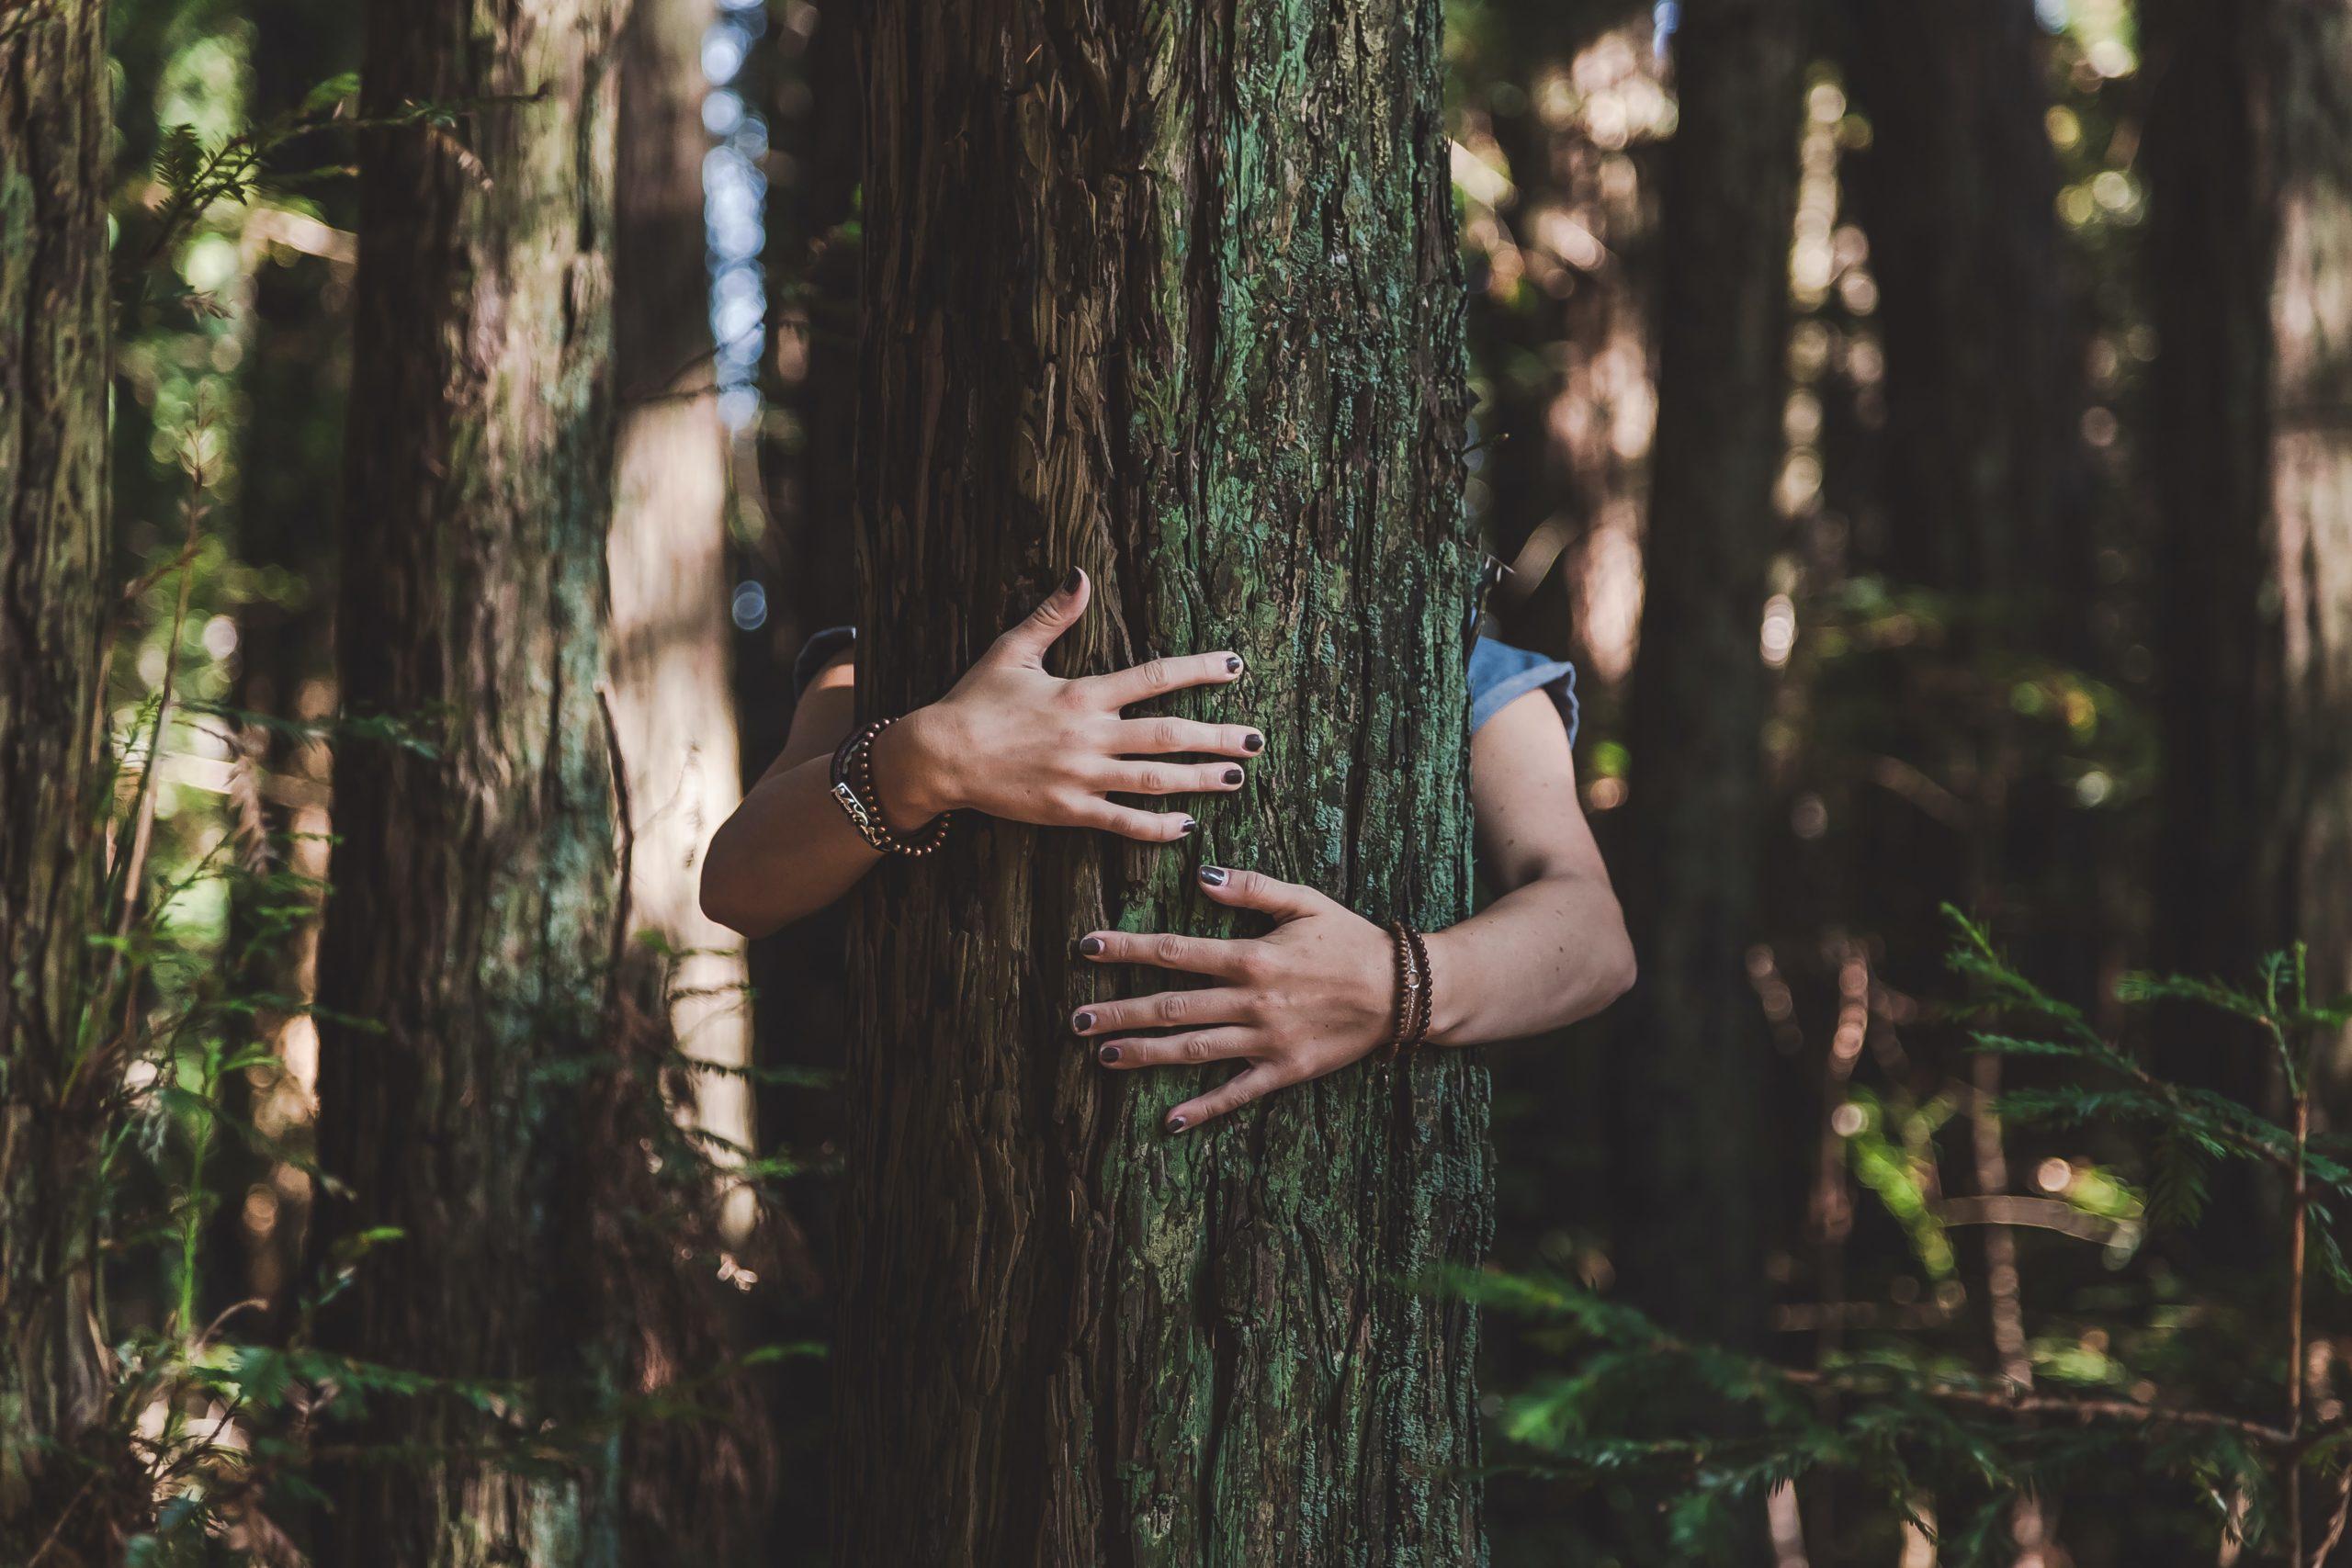 Câlin à un arbre